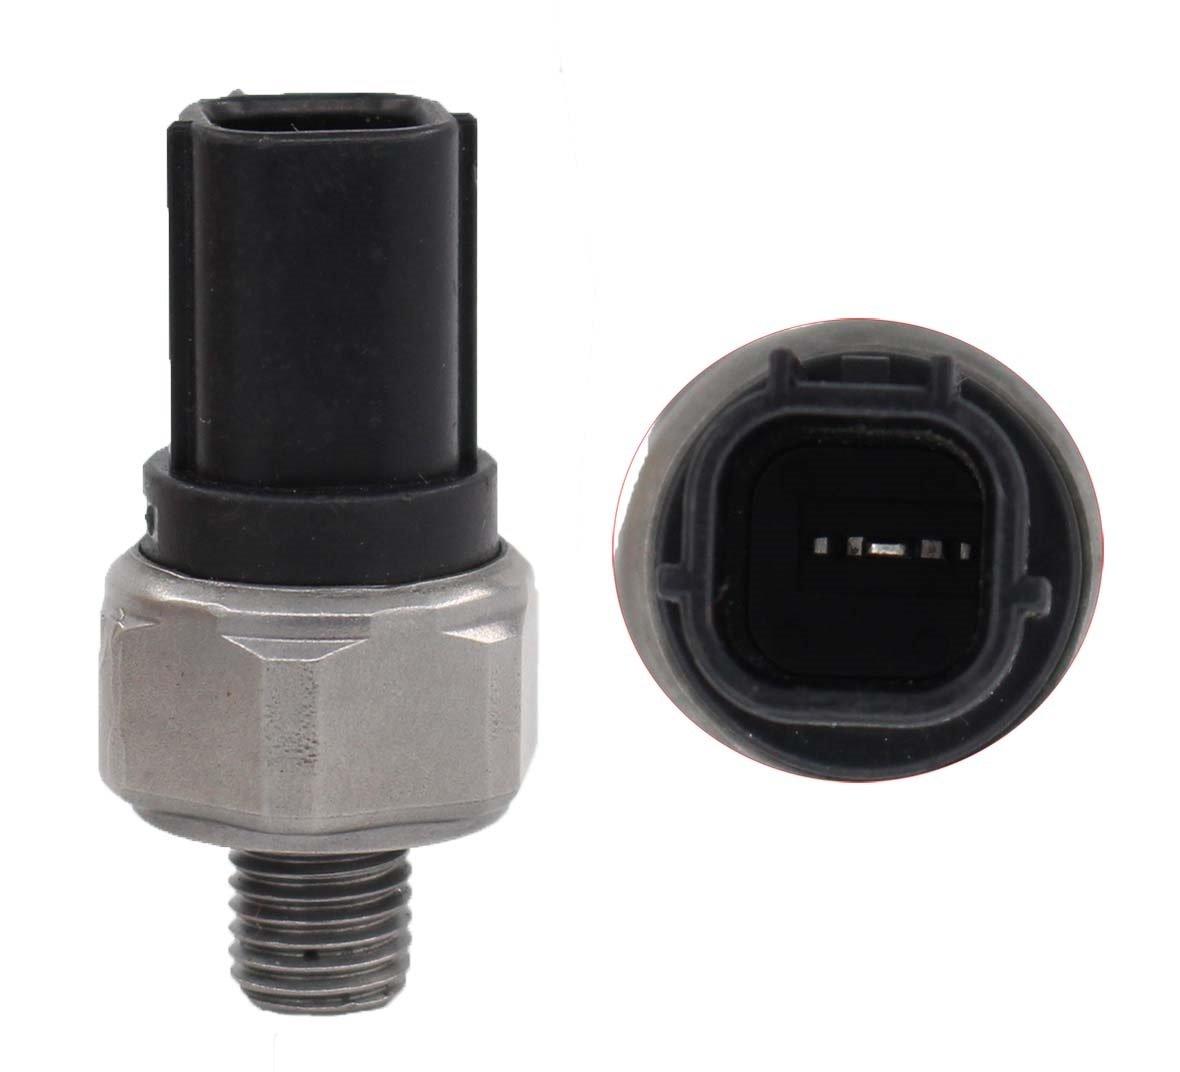 amazon com automatic transmission 3rd gear oil pressure sensor Acura TL Pressure Switch